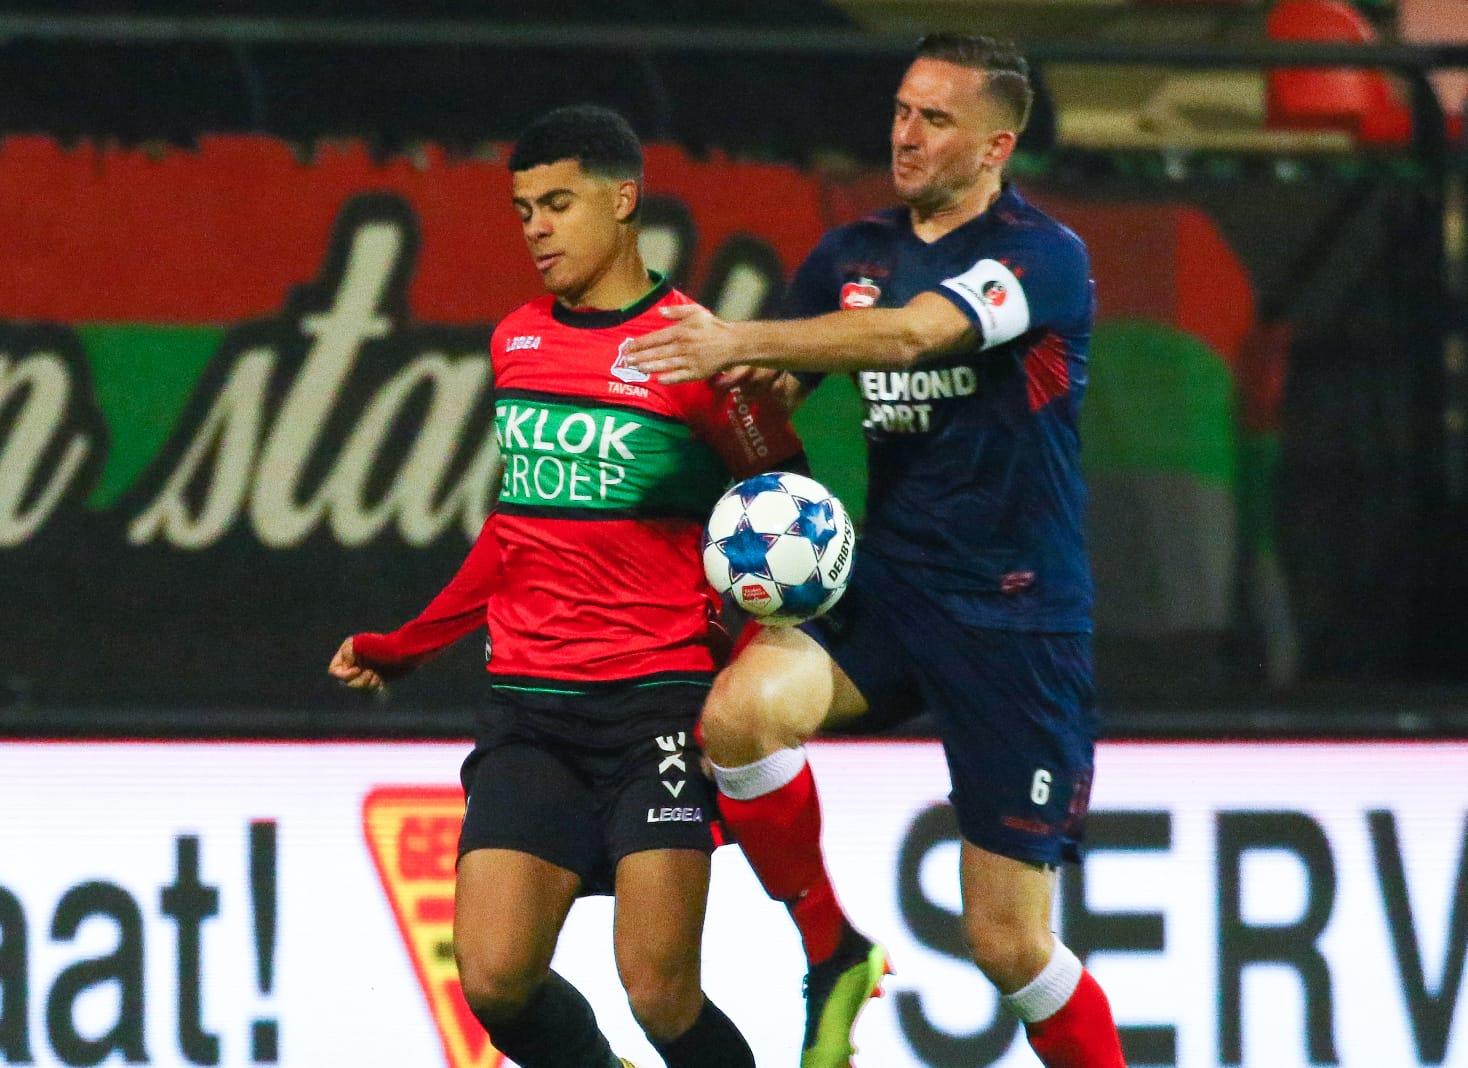 Voorbeschouwing: Helmond Sport volgende 'must win' voor NEC